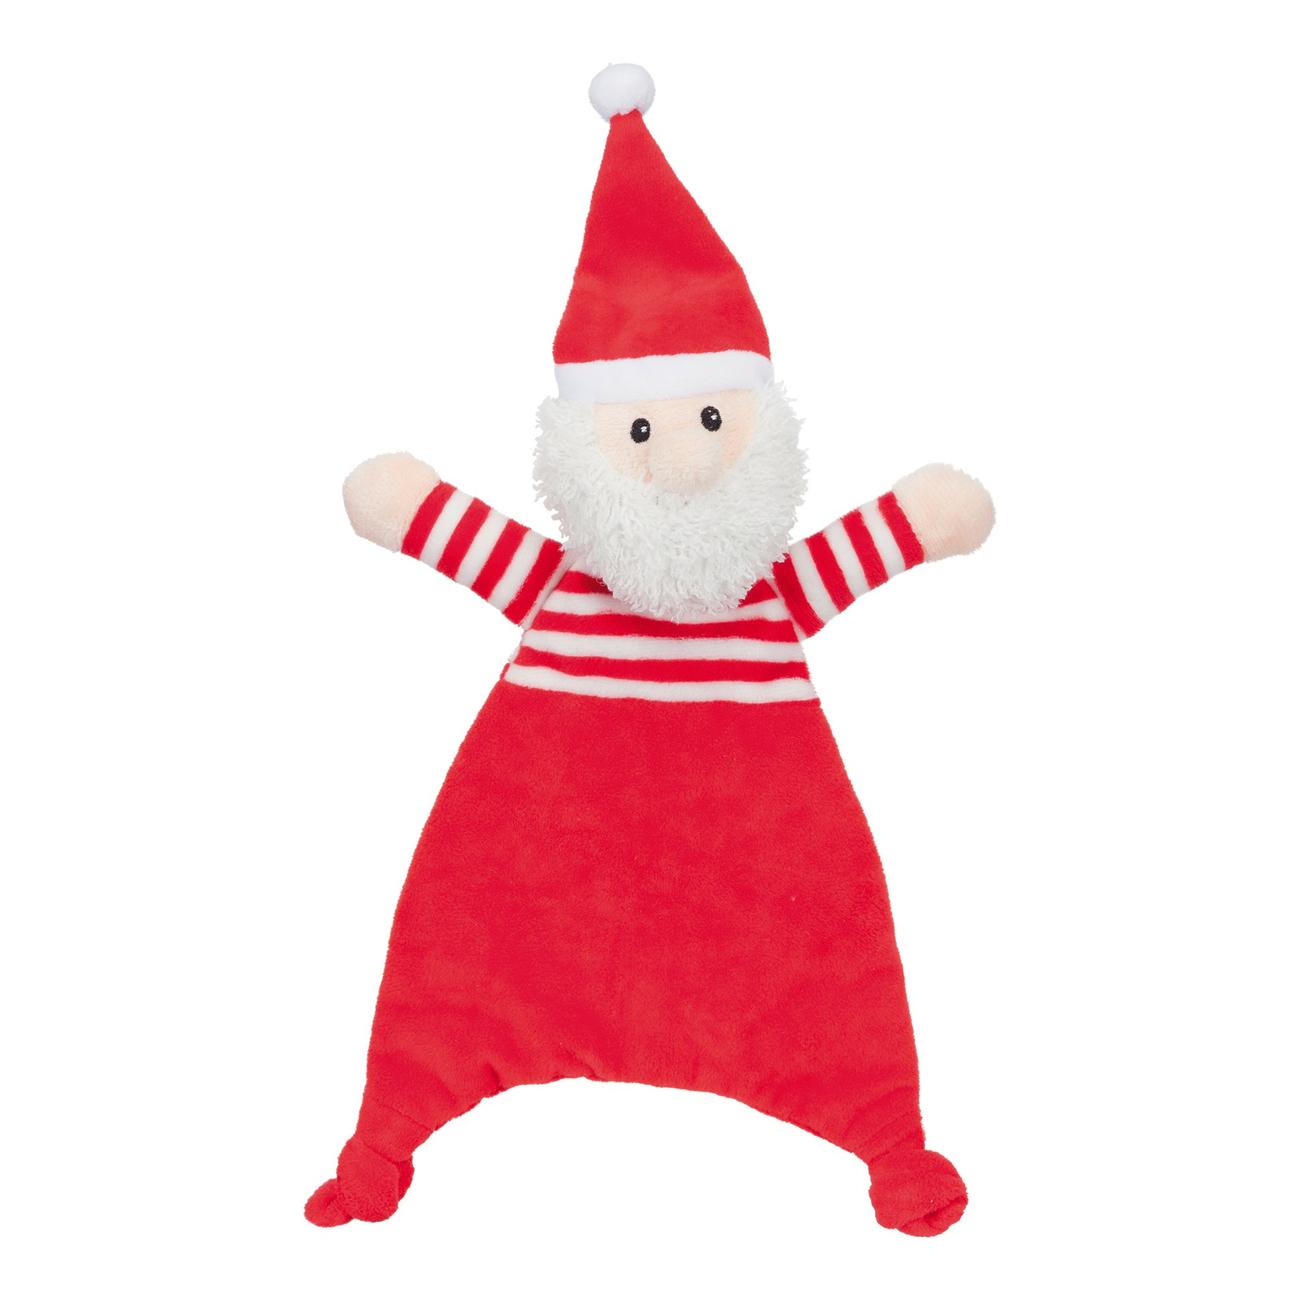 Trixie Weihnachtsfigur mit Raschelfolie, 30 cm, zufällige Figur